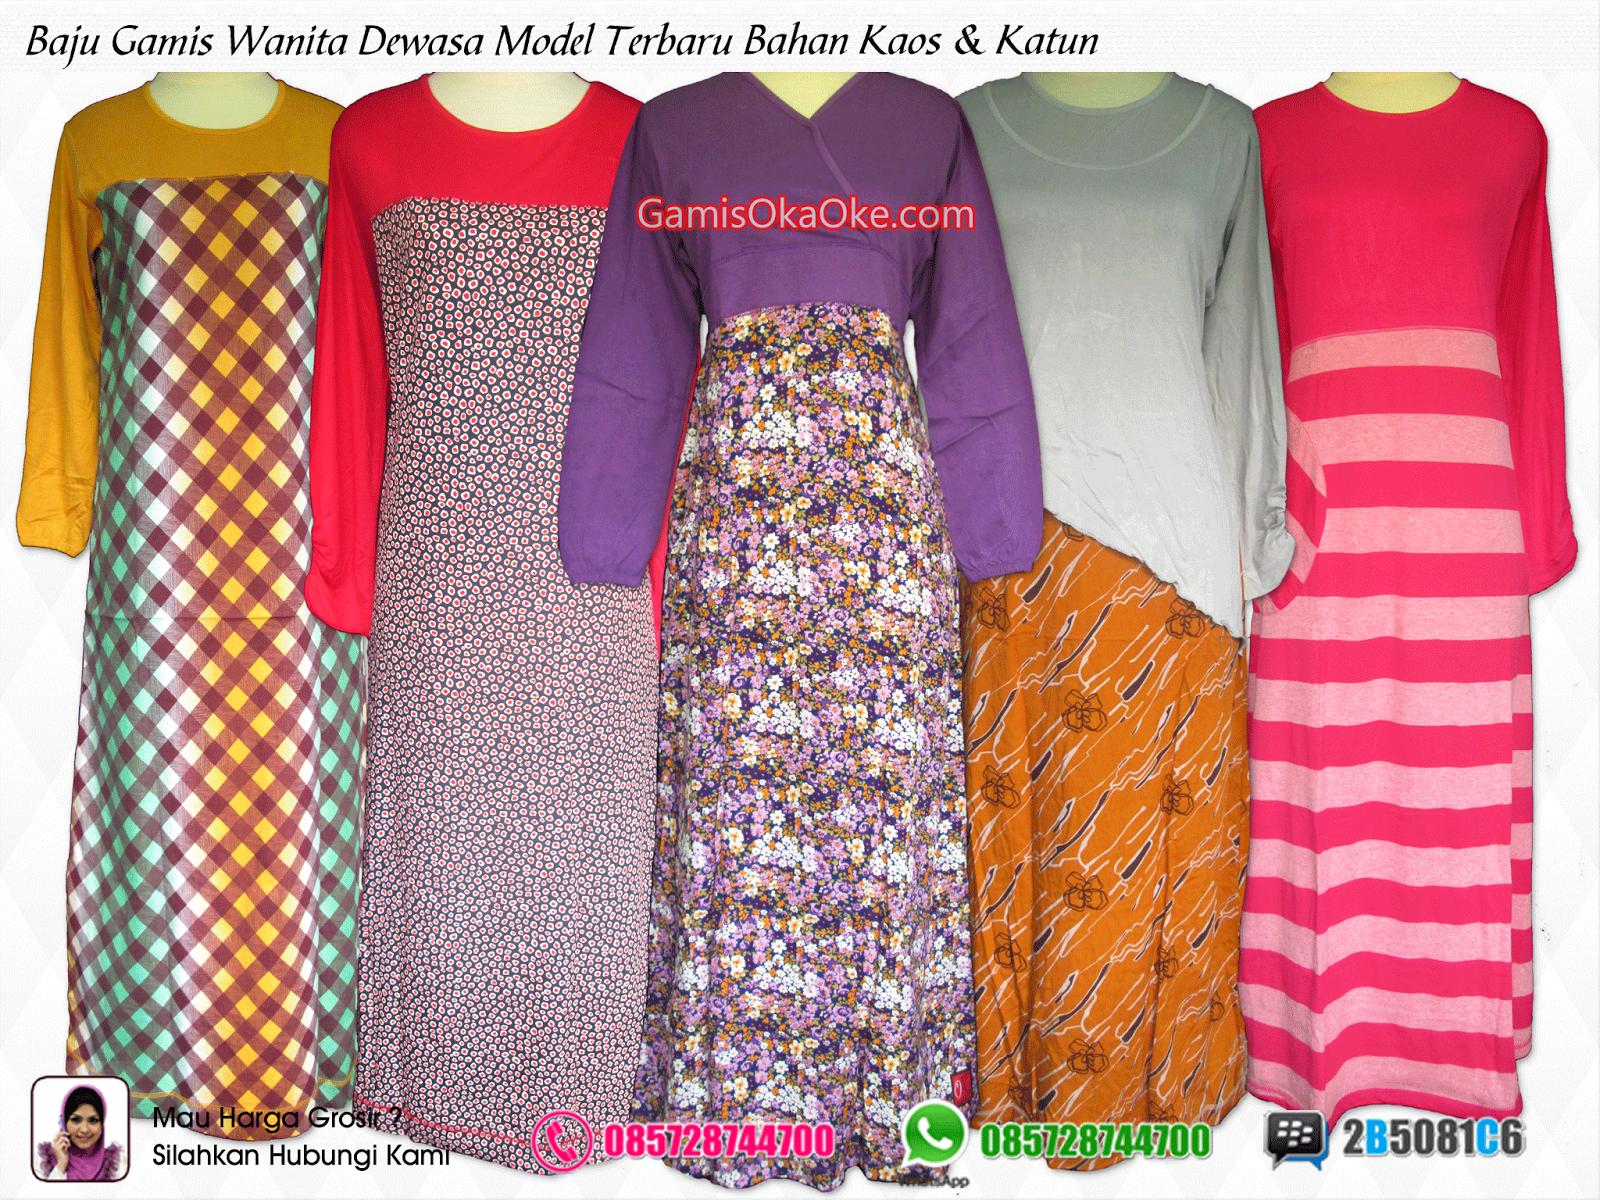 Grosir baju gamis wanita dewasa modern model terbrau harga murah bahan kaos dan katun berkualitas bagus.